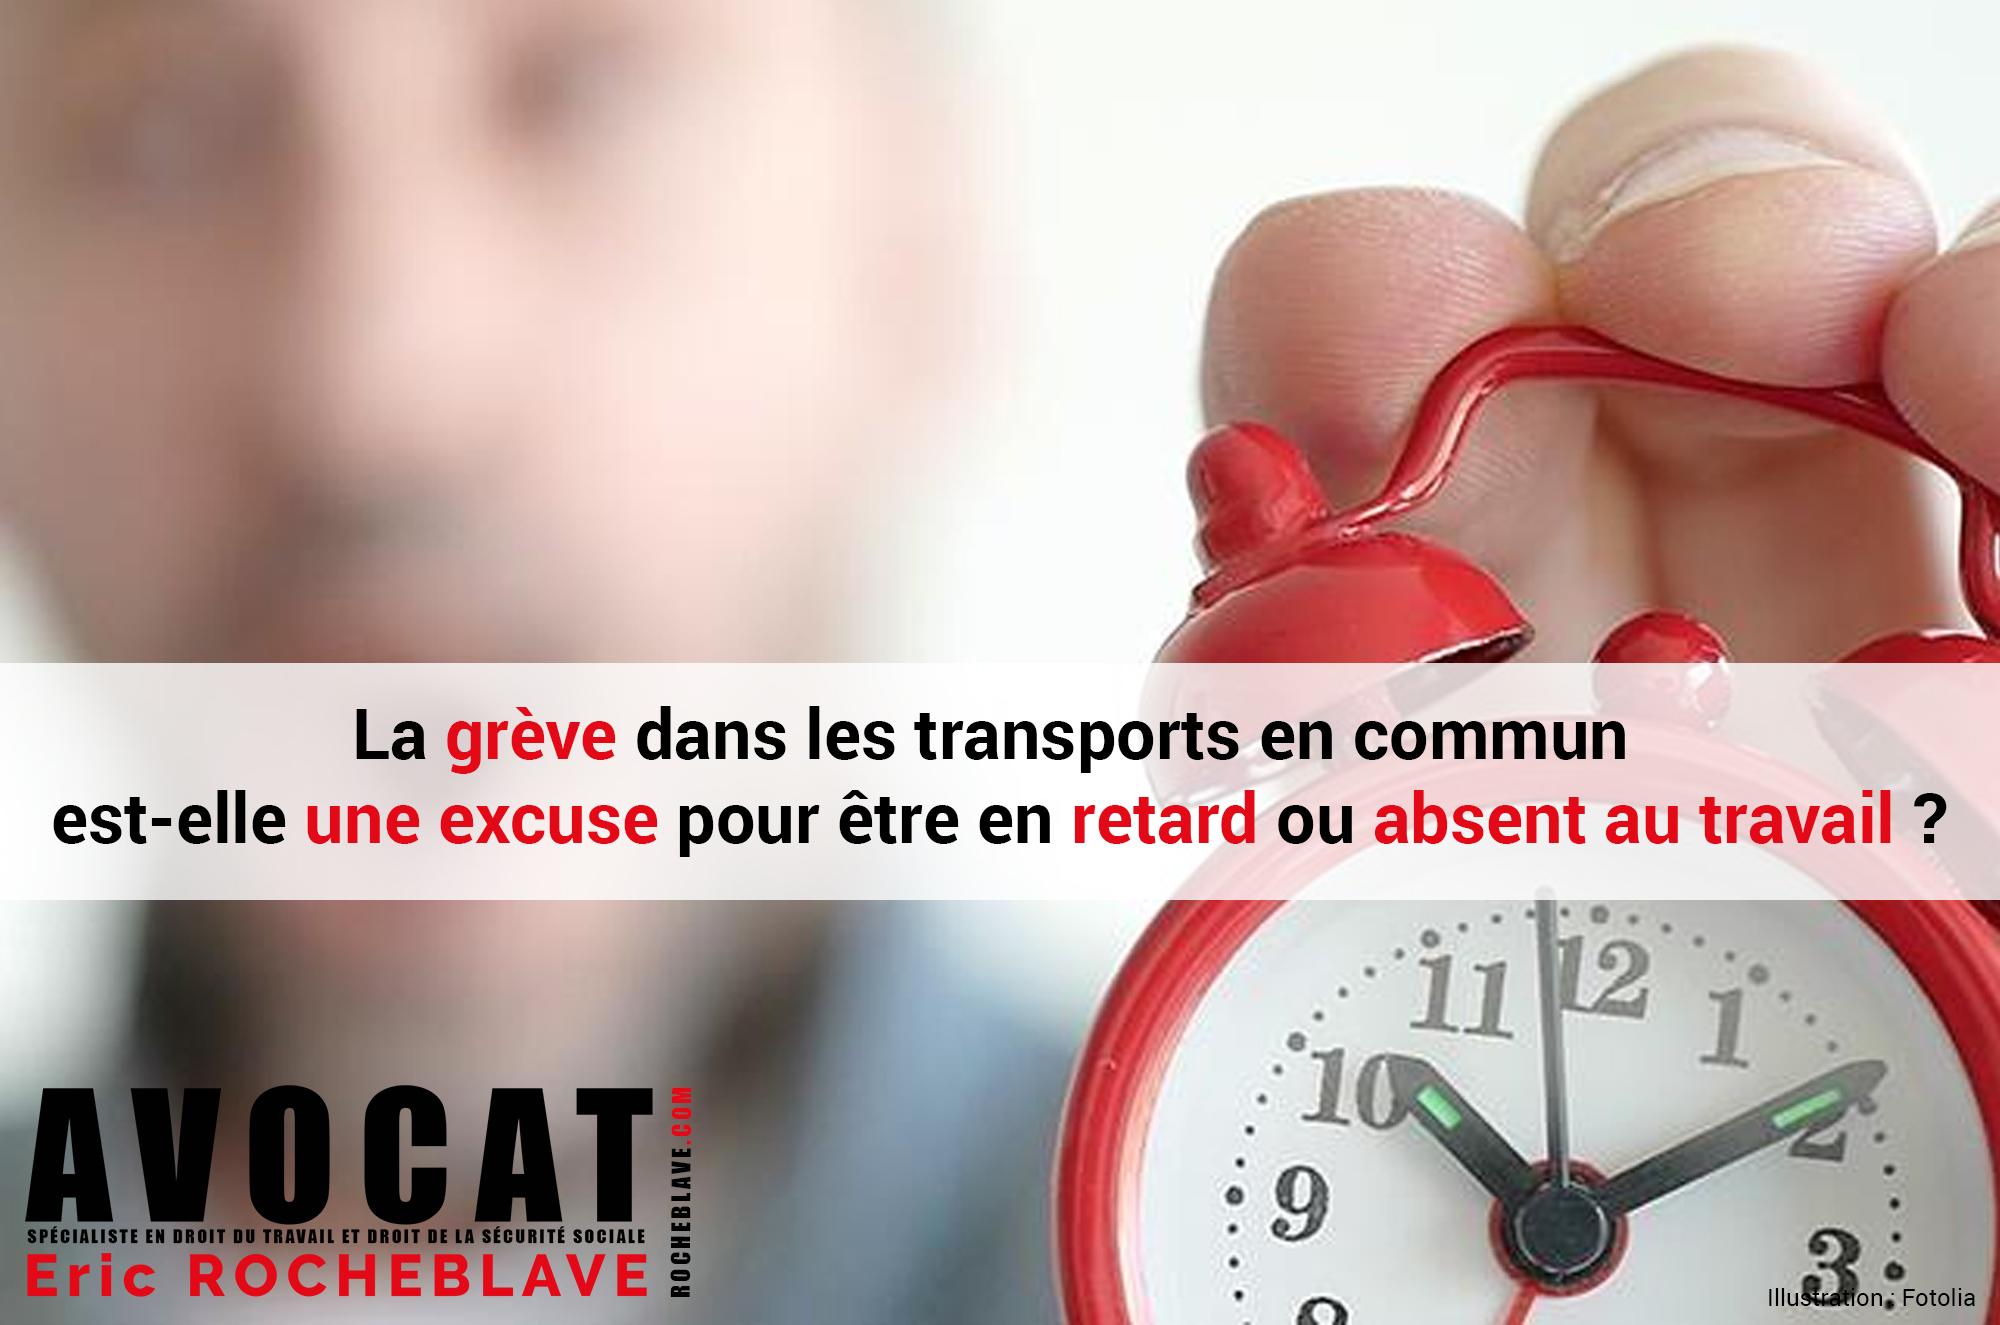 La grève dans les transports en commun est-elle une excuse pour être en retard ou absent au travail ?